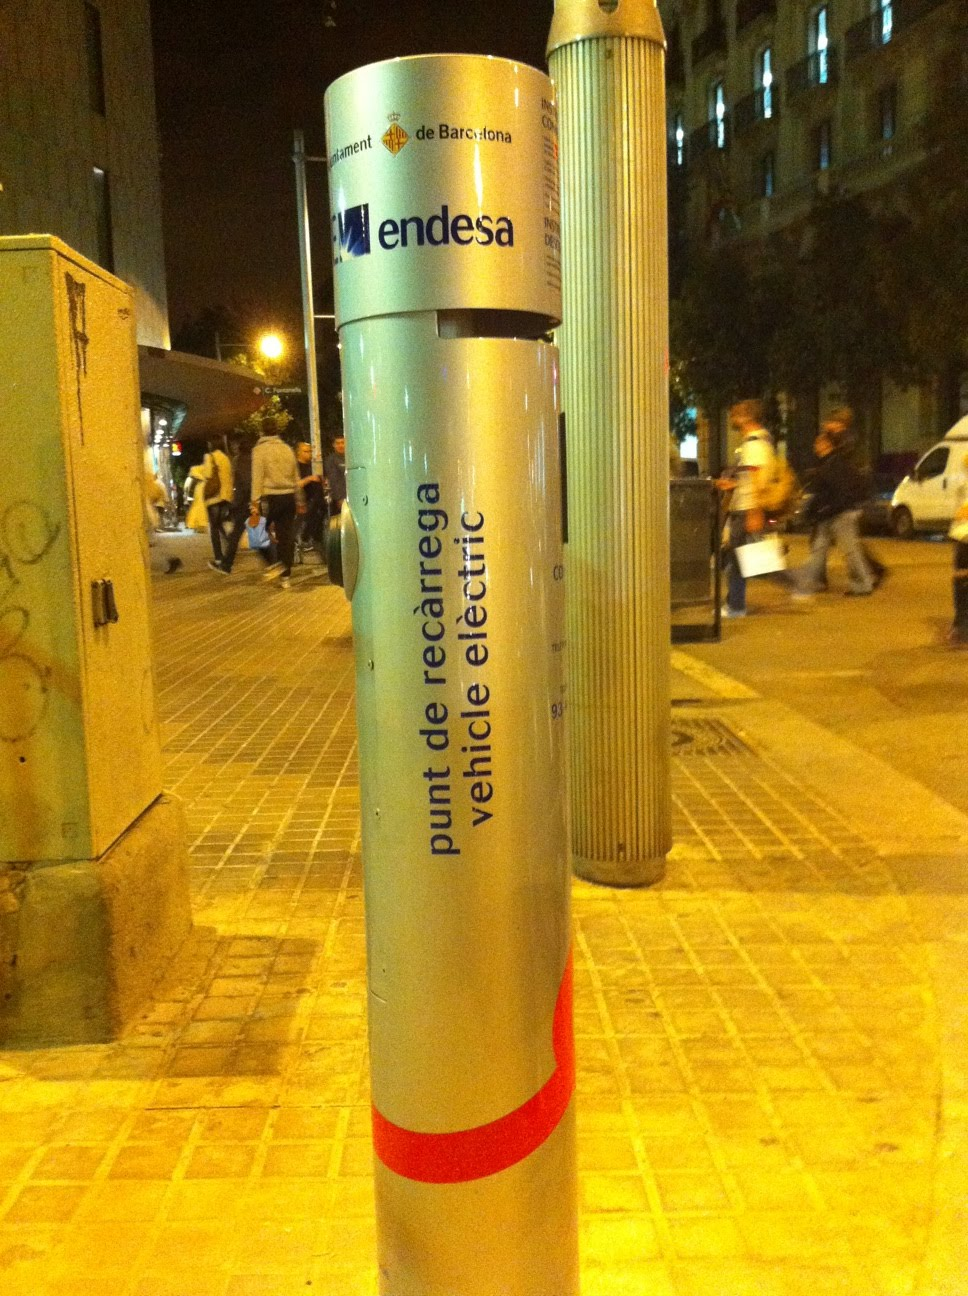 Esta es una de las estaciones de recarga de energía eléctrica para  vehículos que el Ajuntament de Barcelona está instalando por la ciudad. 1253af15fd4